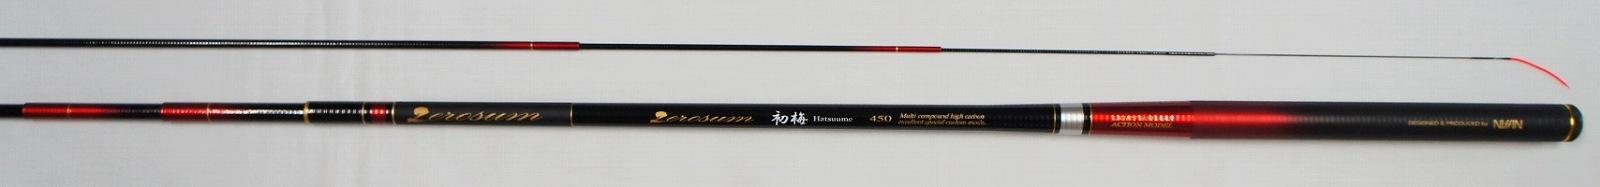 送料無料 即日発送 宇崎日新 ZEROSUM 初梅 4.5m (ゼロサム ハツウメ はつうめ ハエ 清流竿) NISSIN Made in Japan日本製